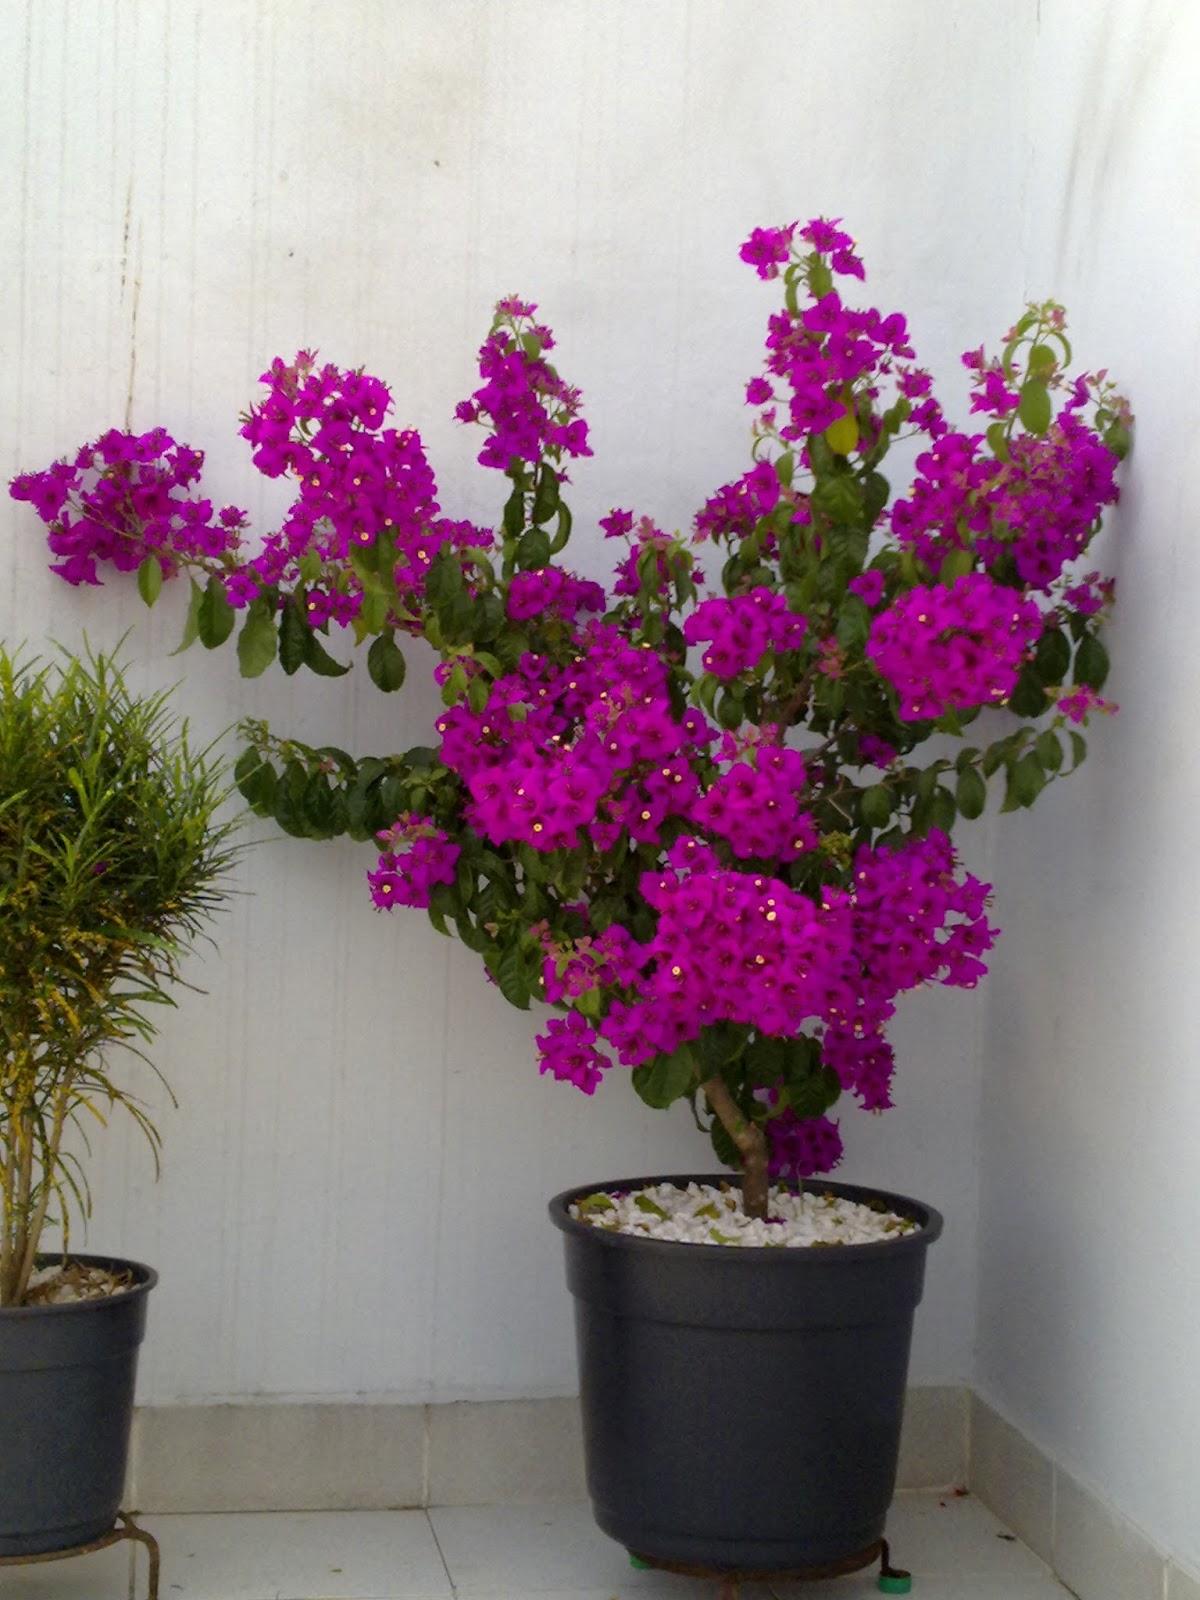 manaca de jardim em vaso : manaca de jardim em vaso:ano de envasada em vaso com capacidade de 30 quilos